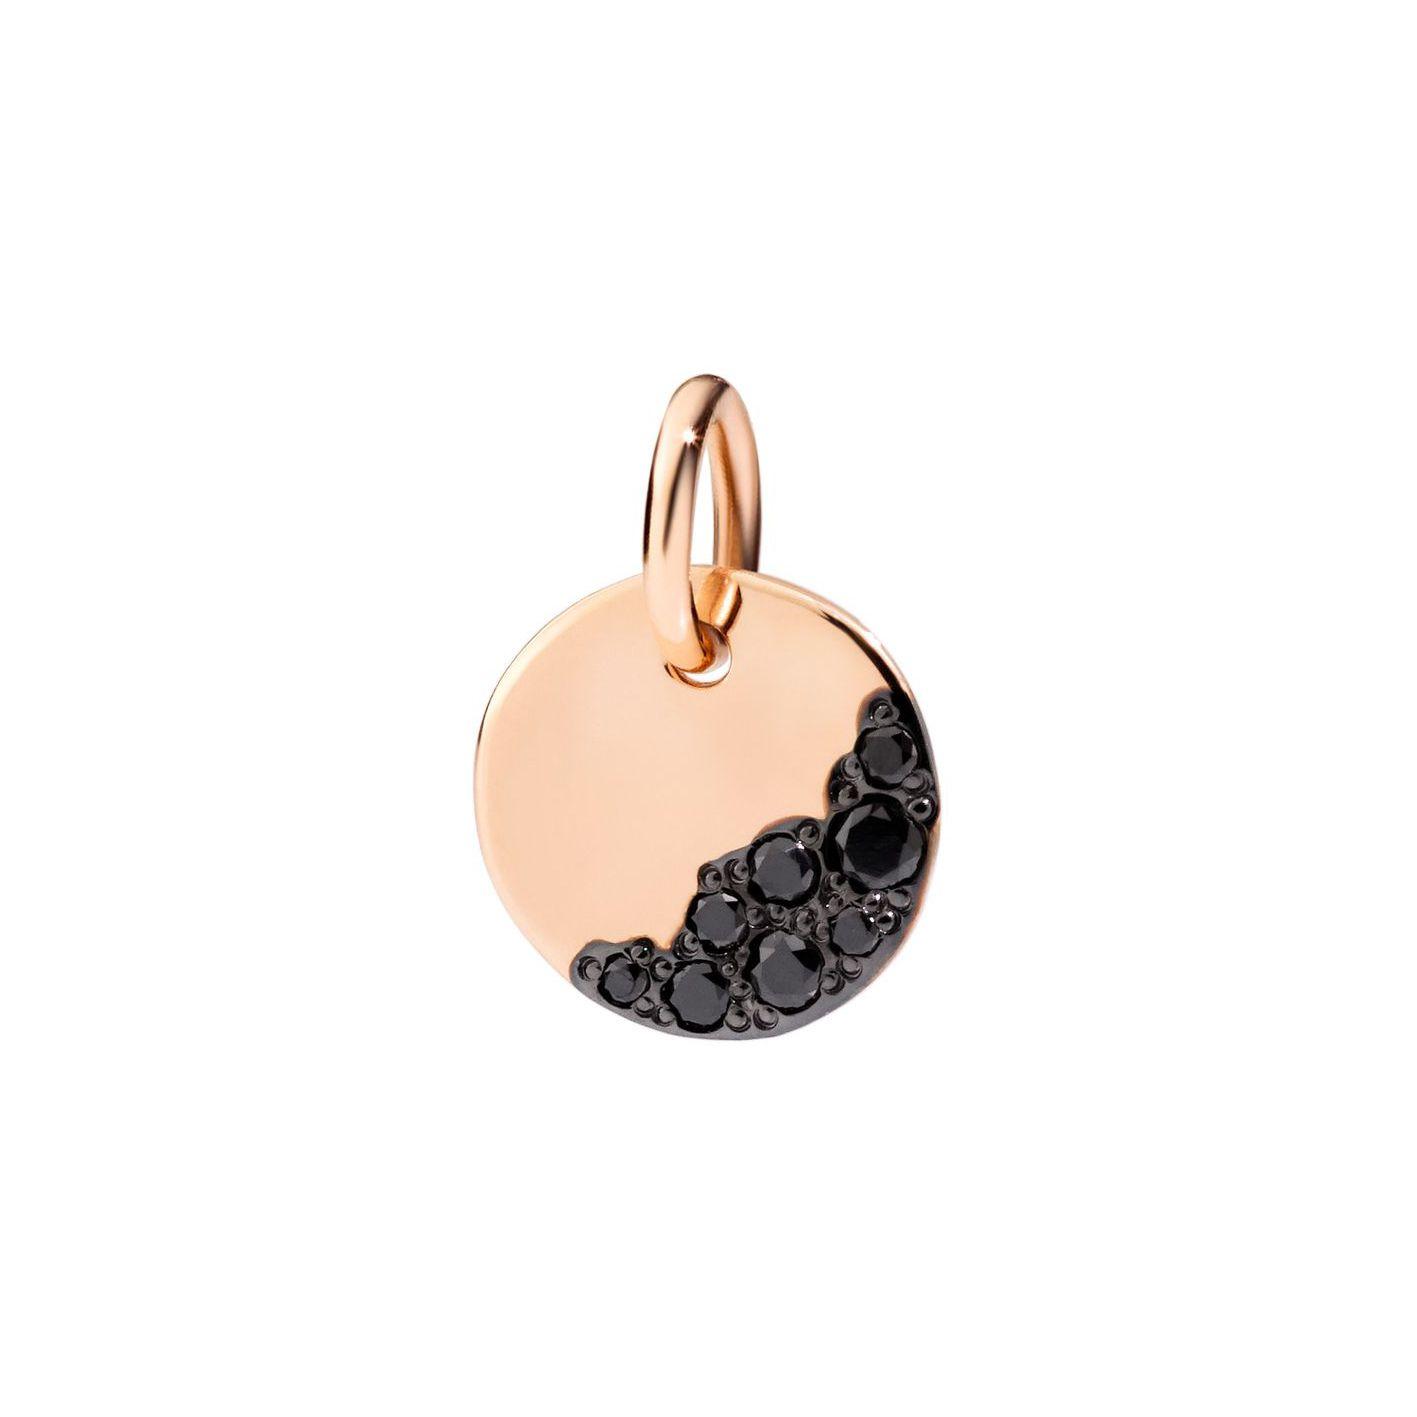 Pendentif Dodo night tag en or rose et diamants noirs vue 1